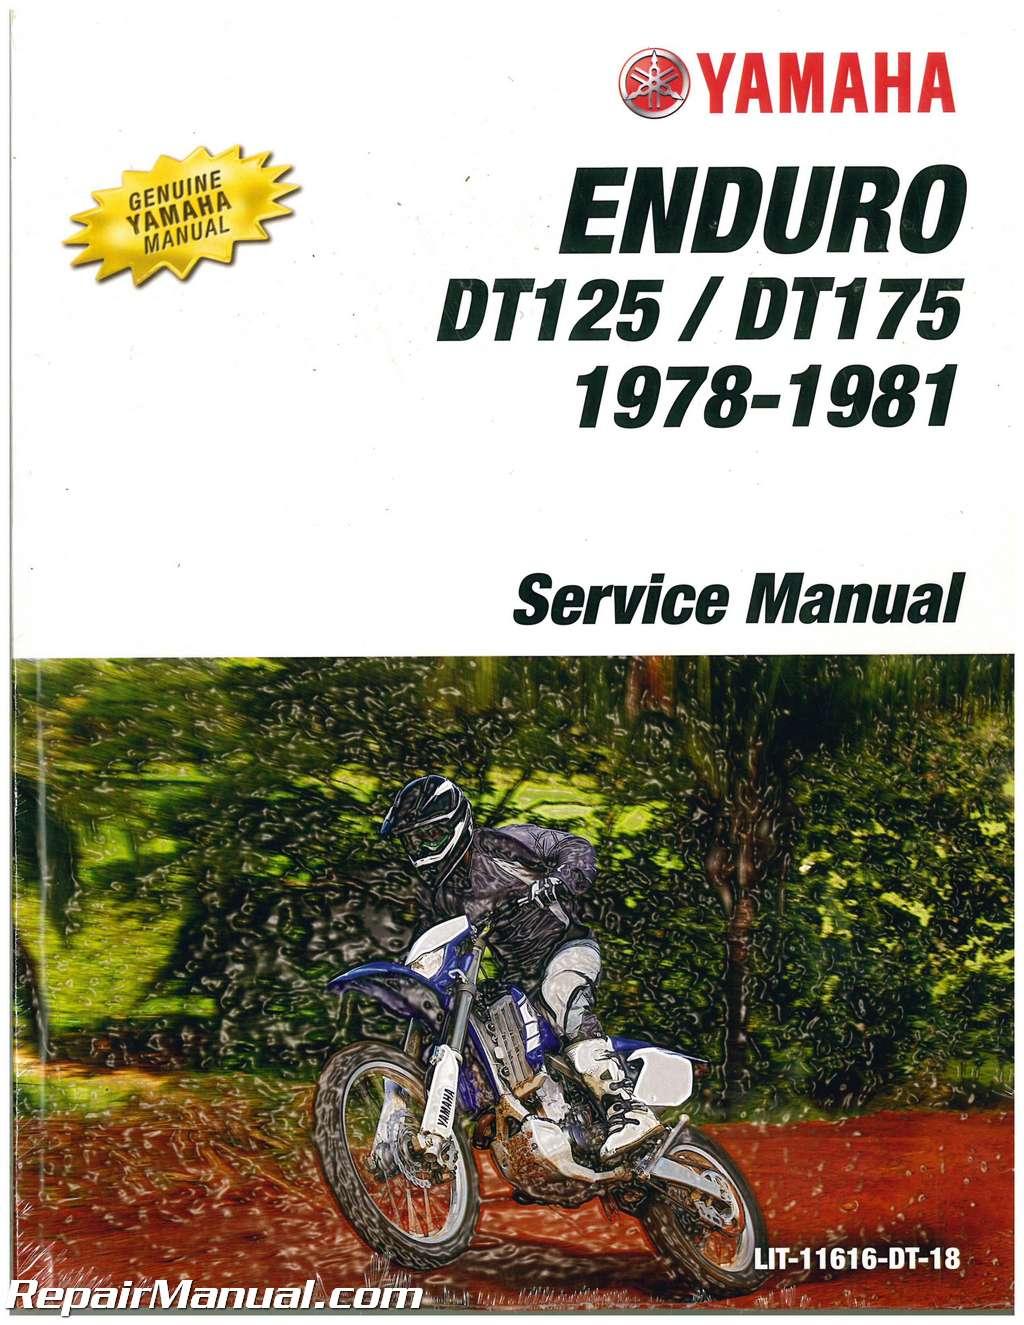 1978 1979 1980 yamaha dt125 dt175 motorcycle service manual. Black Bedroom Furniture Sets. Home Design Ideas